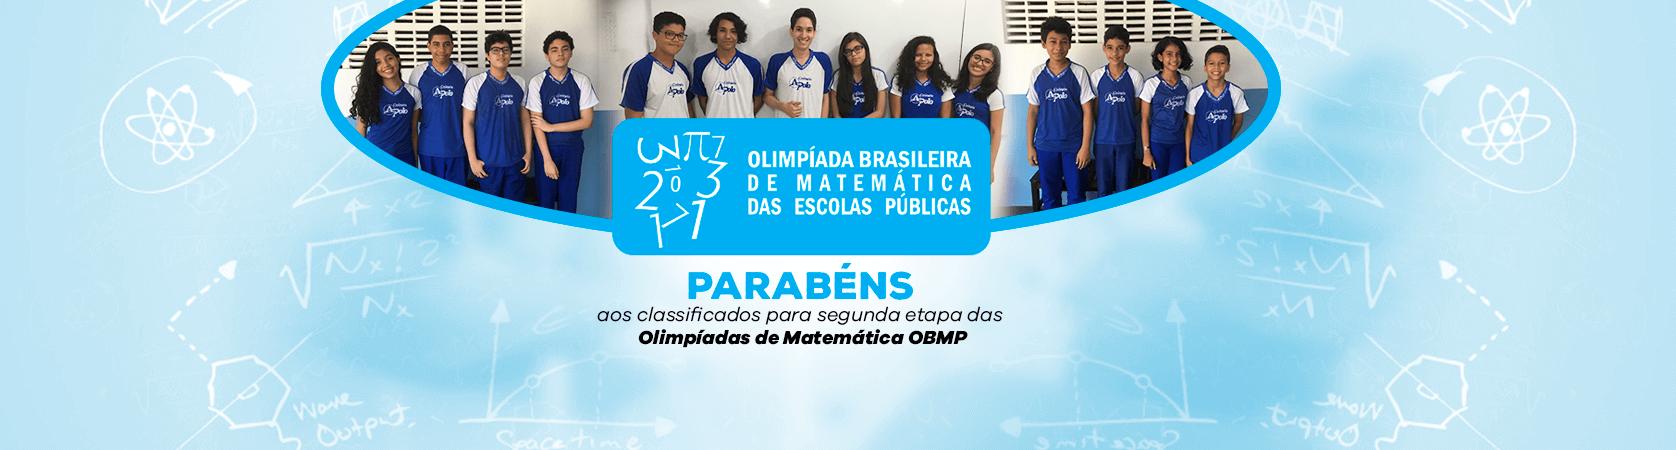 Olimpíada Brasileira